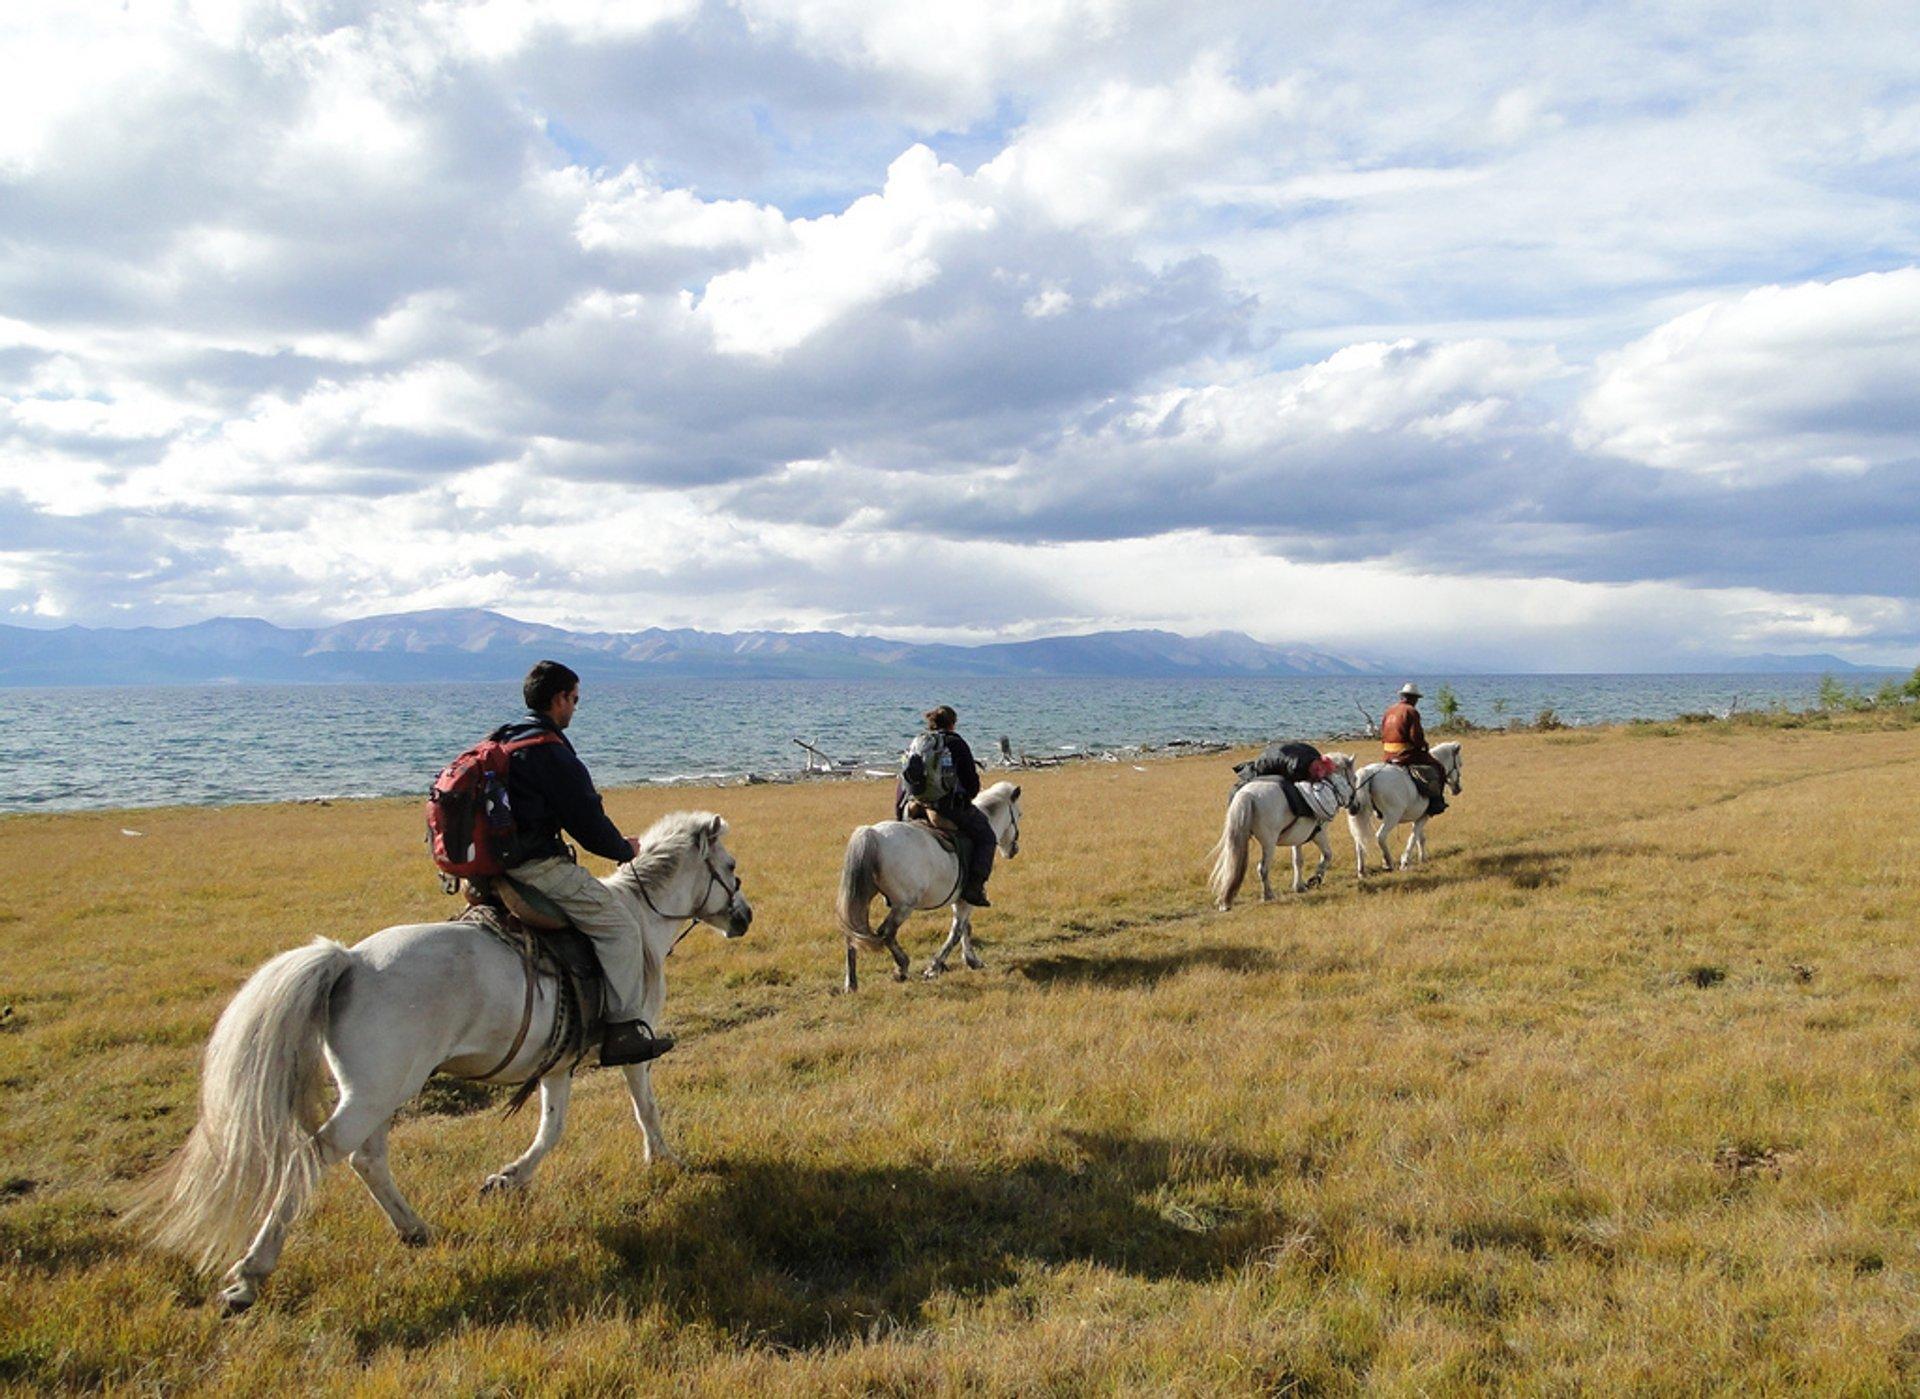 Horseback Riding in Mongolia - Best Time